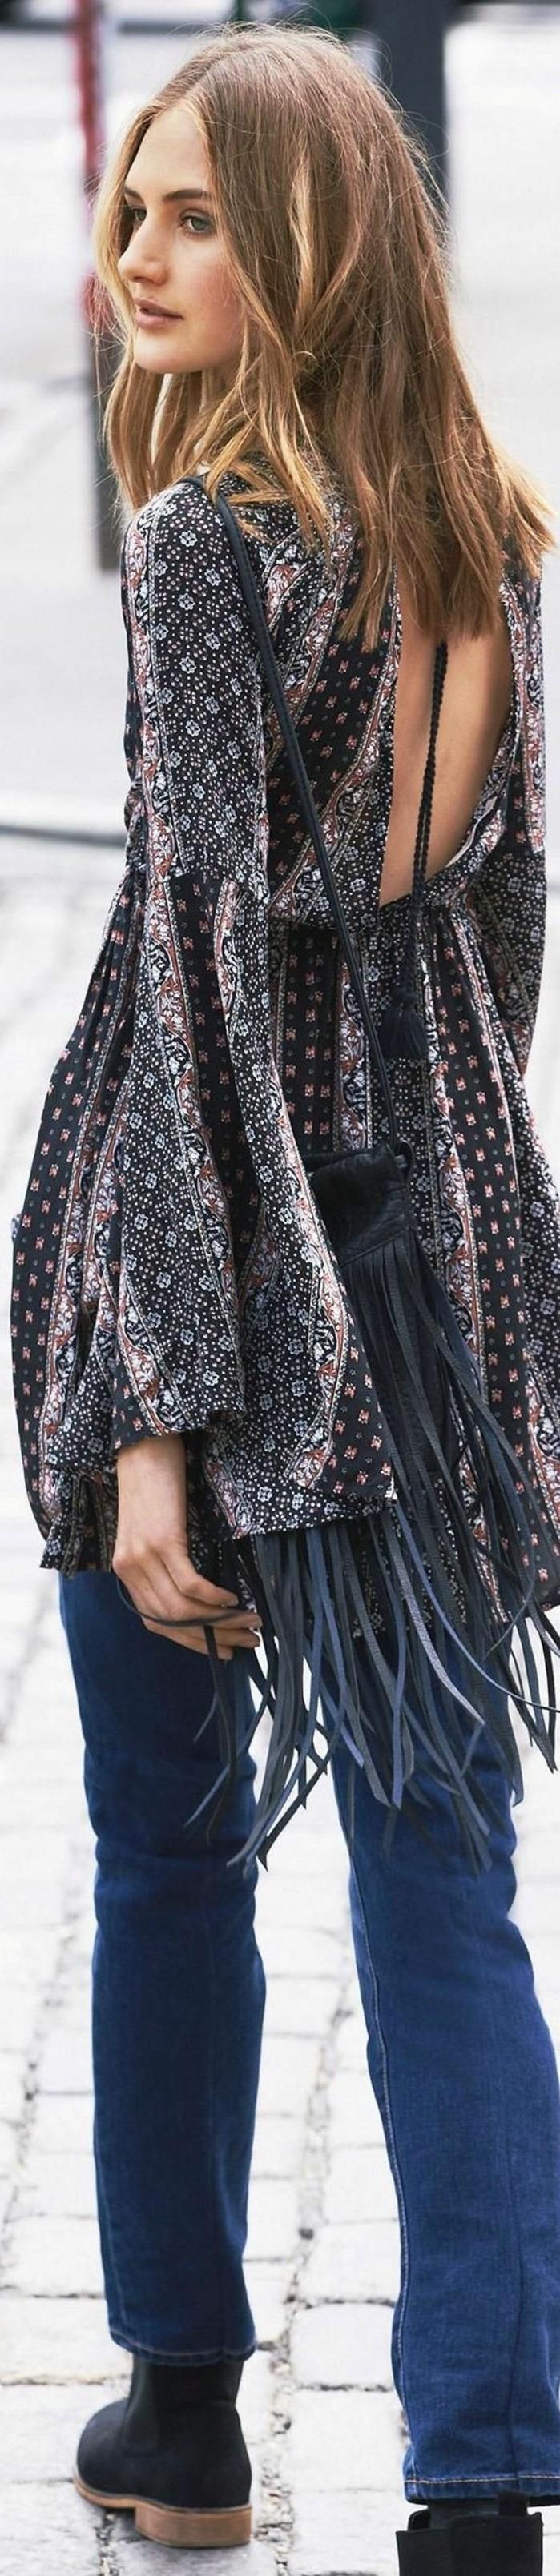 robe boheme chic, longue tunique avec franges